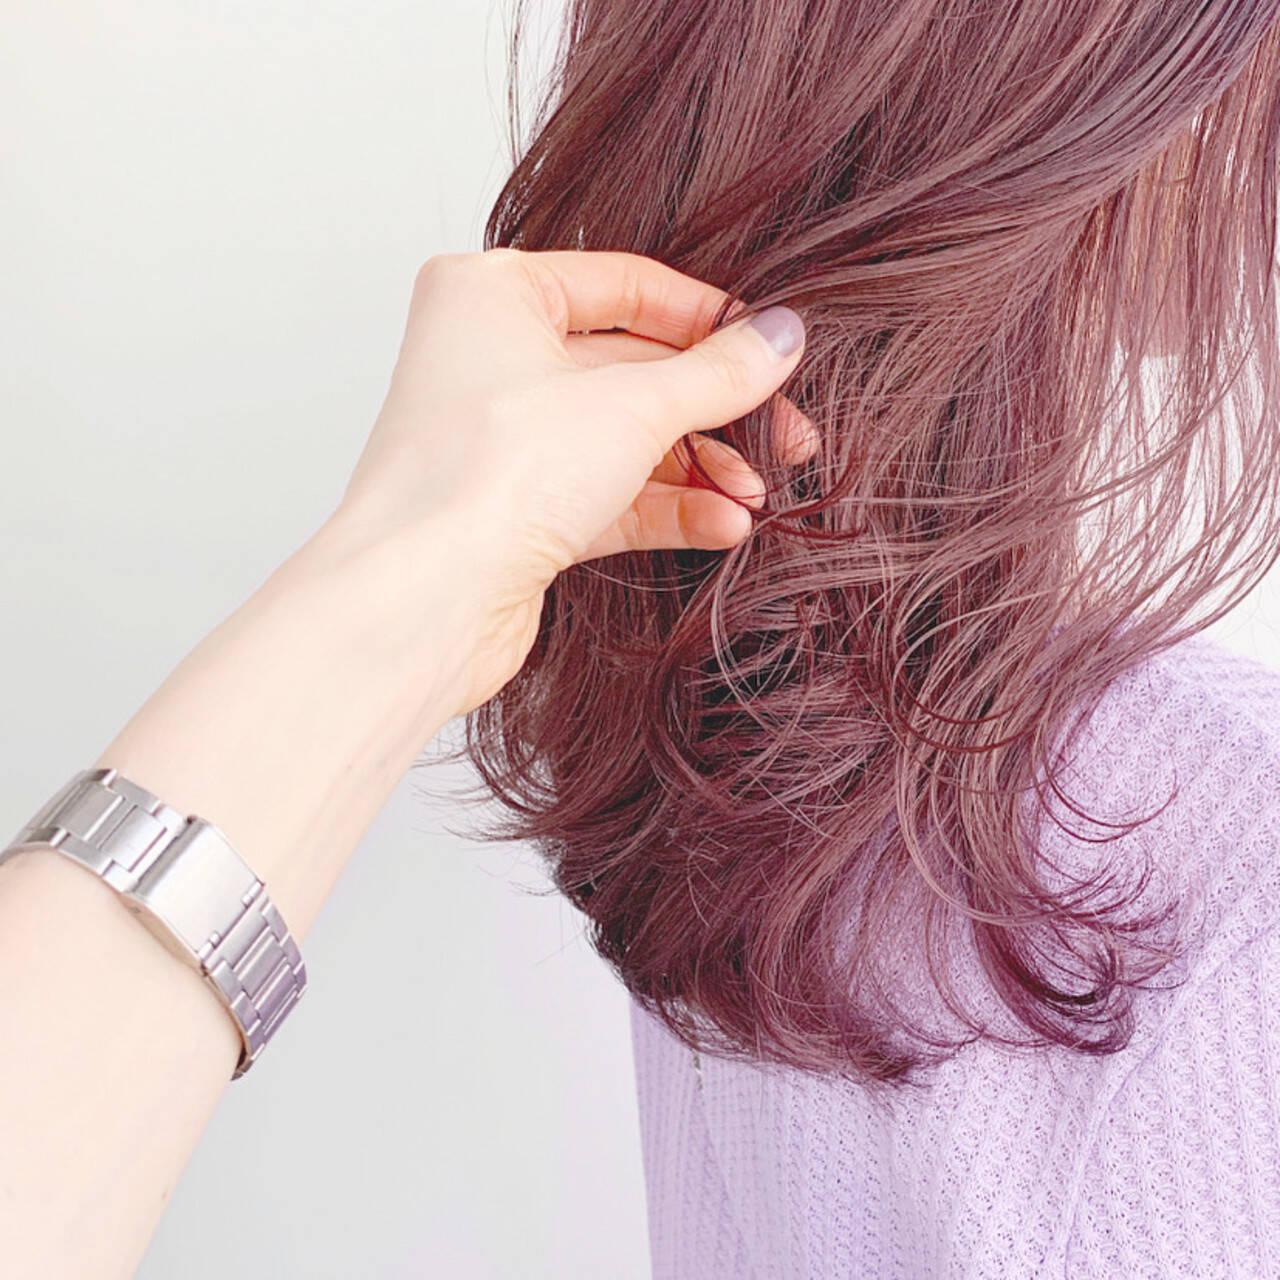 セミロング ミディアムレイヤー ピンク 韓国ヘアヘアスタイルや髪型の写真・画像